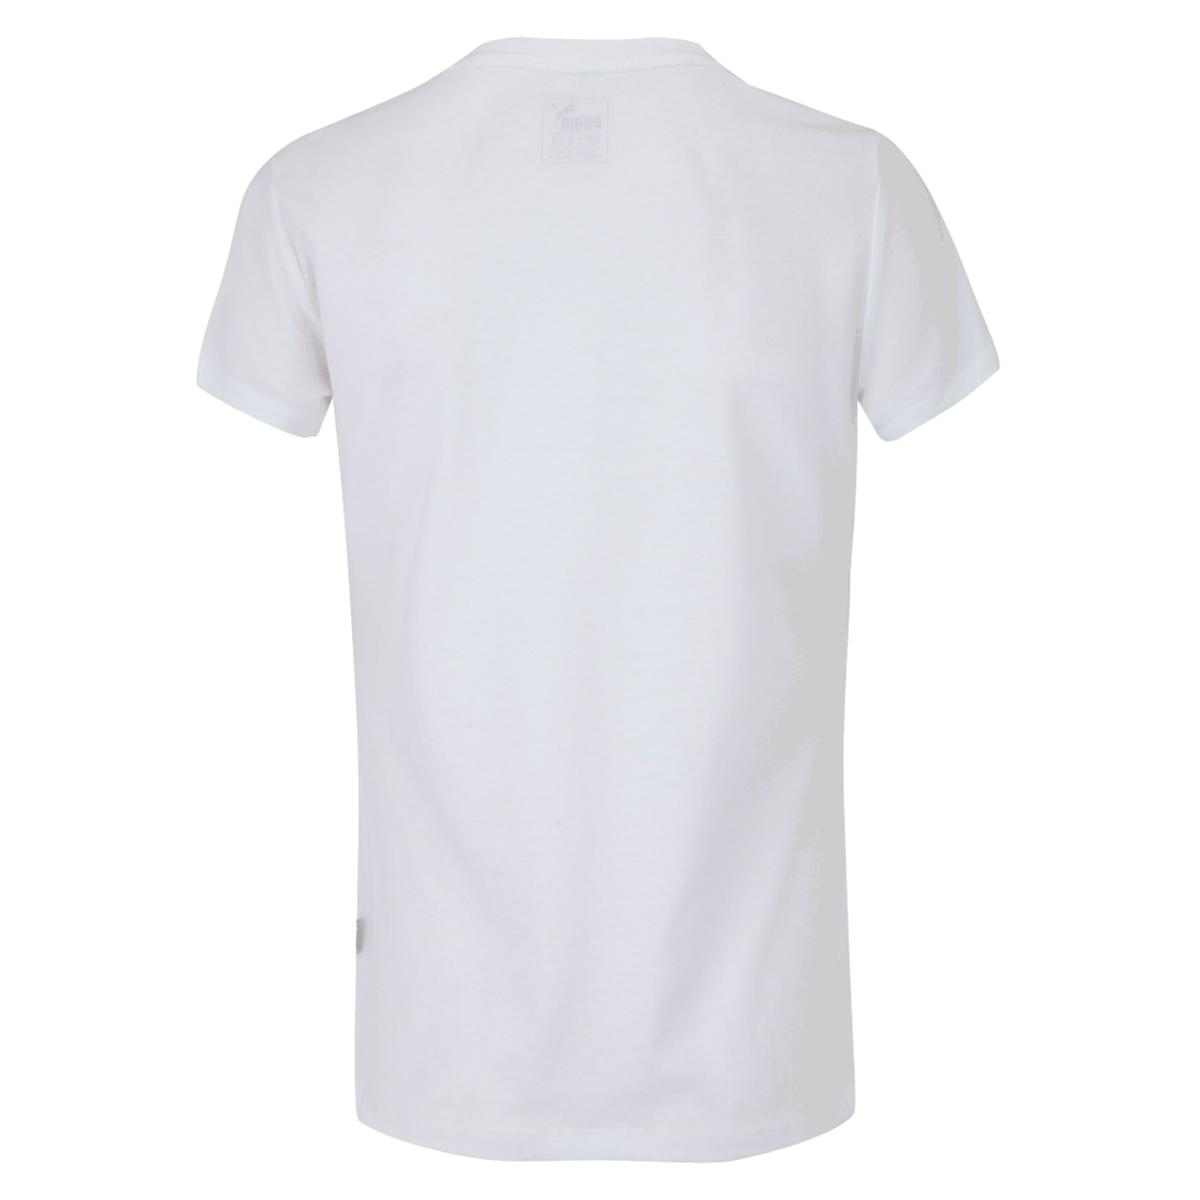 Camiseta Puma Essential Logo Tee Infantil Branco